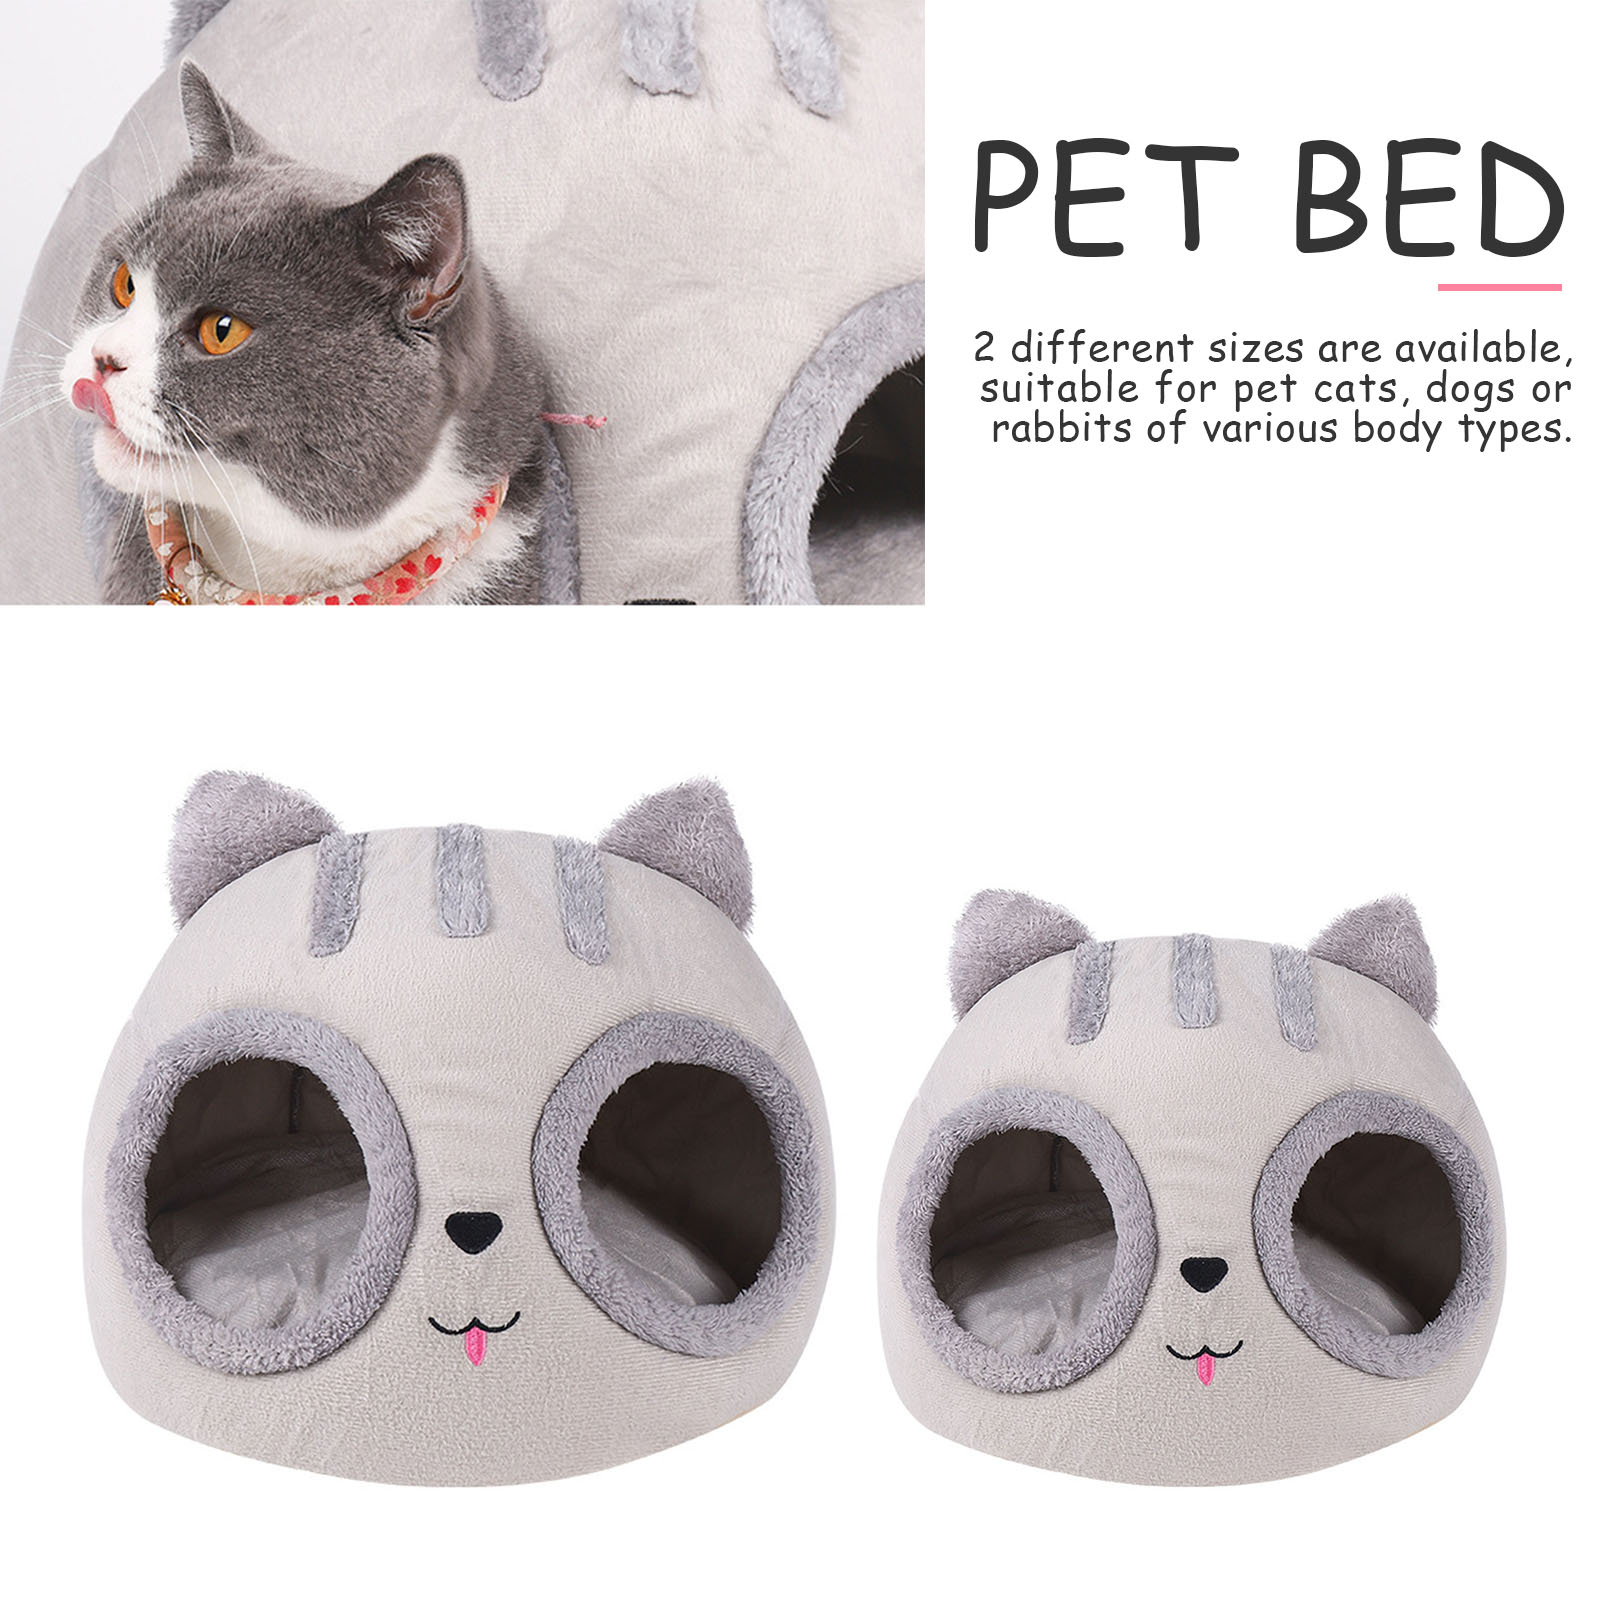 Супермягкая кровать для кошки, удобный маленький коврик, корзина в форме головы кошки, домик для кошки, палатка для домашних животных, уютны...